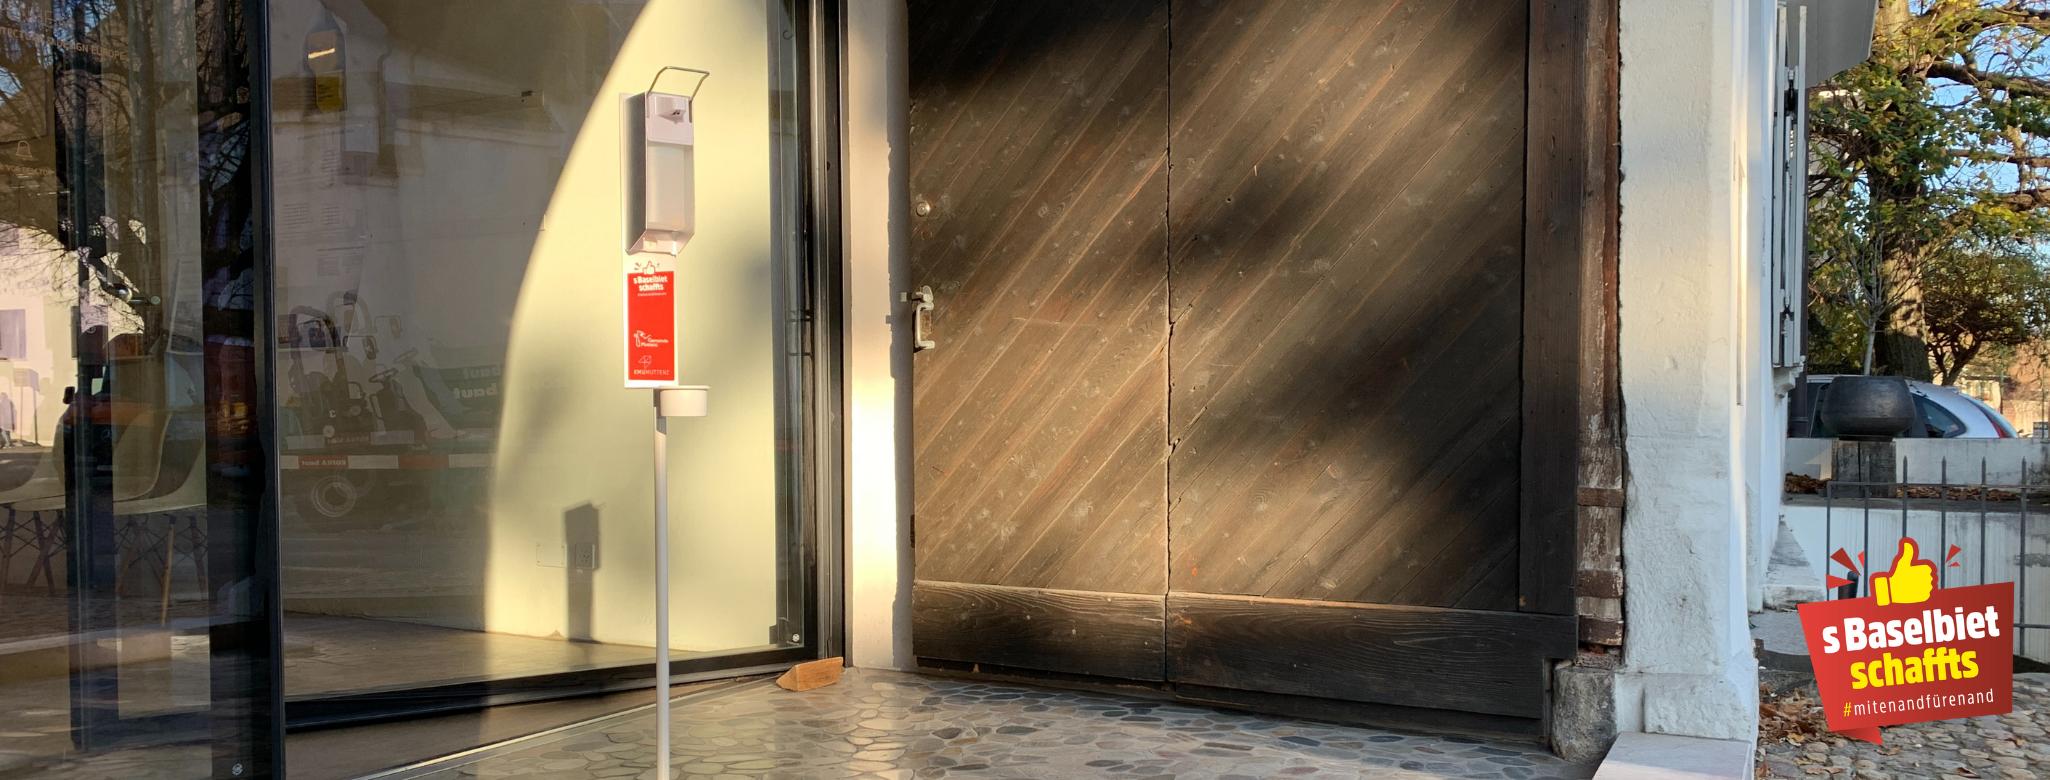 Desinfektionsmittel Dispenser KMU Muttenz